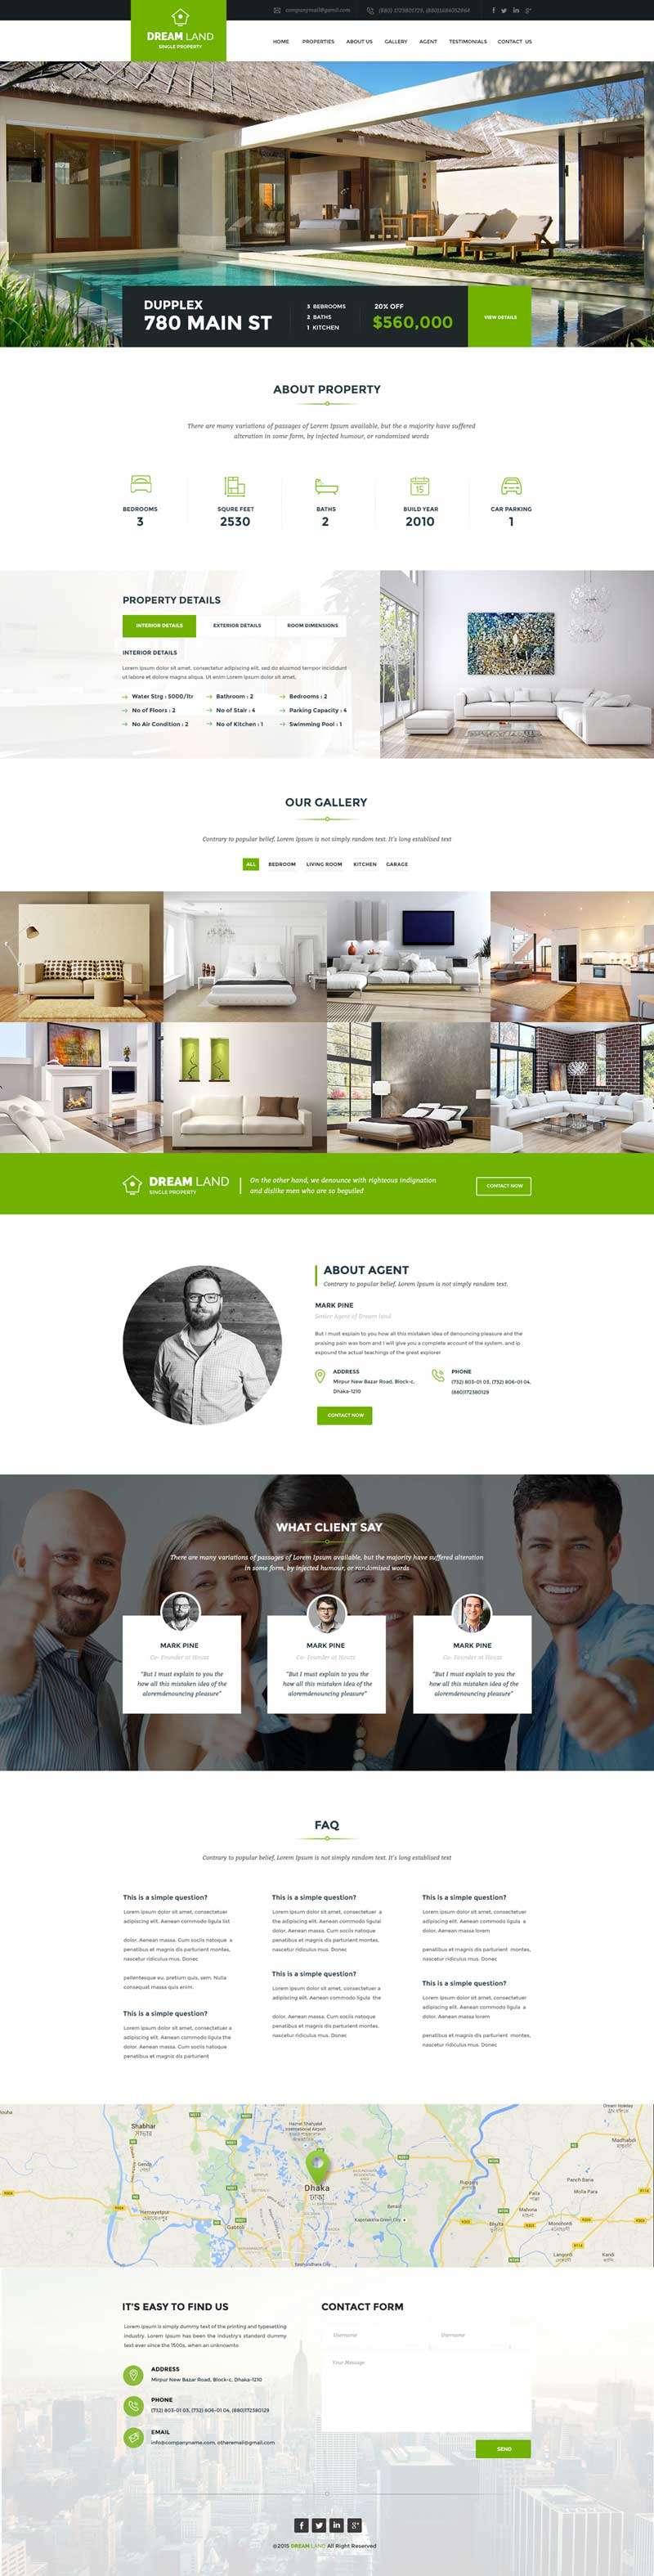 绿色的房产网二手房销售平台网站模板